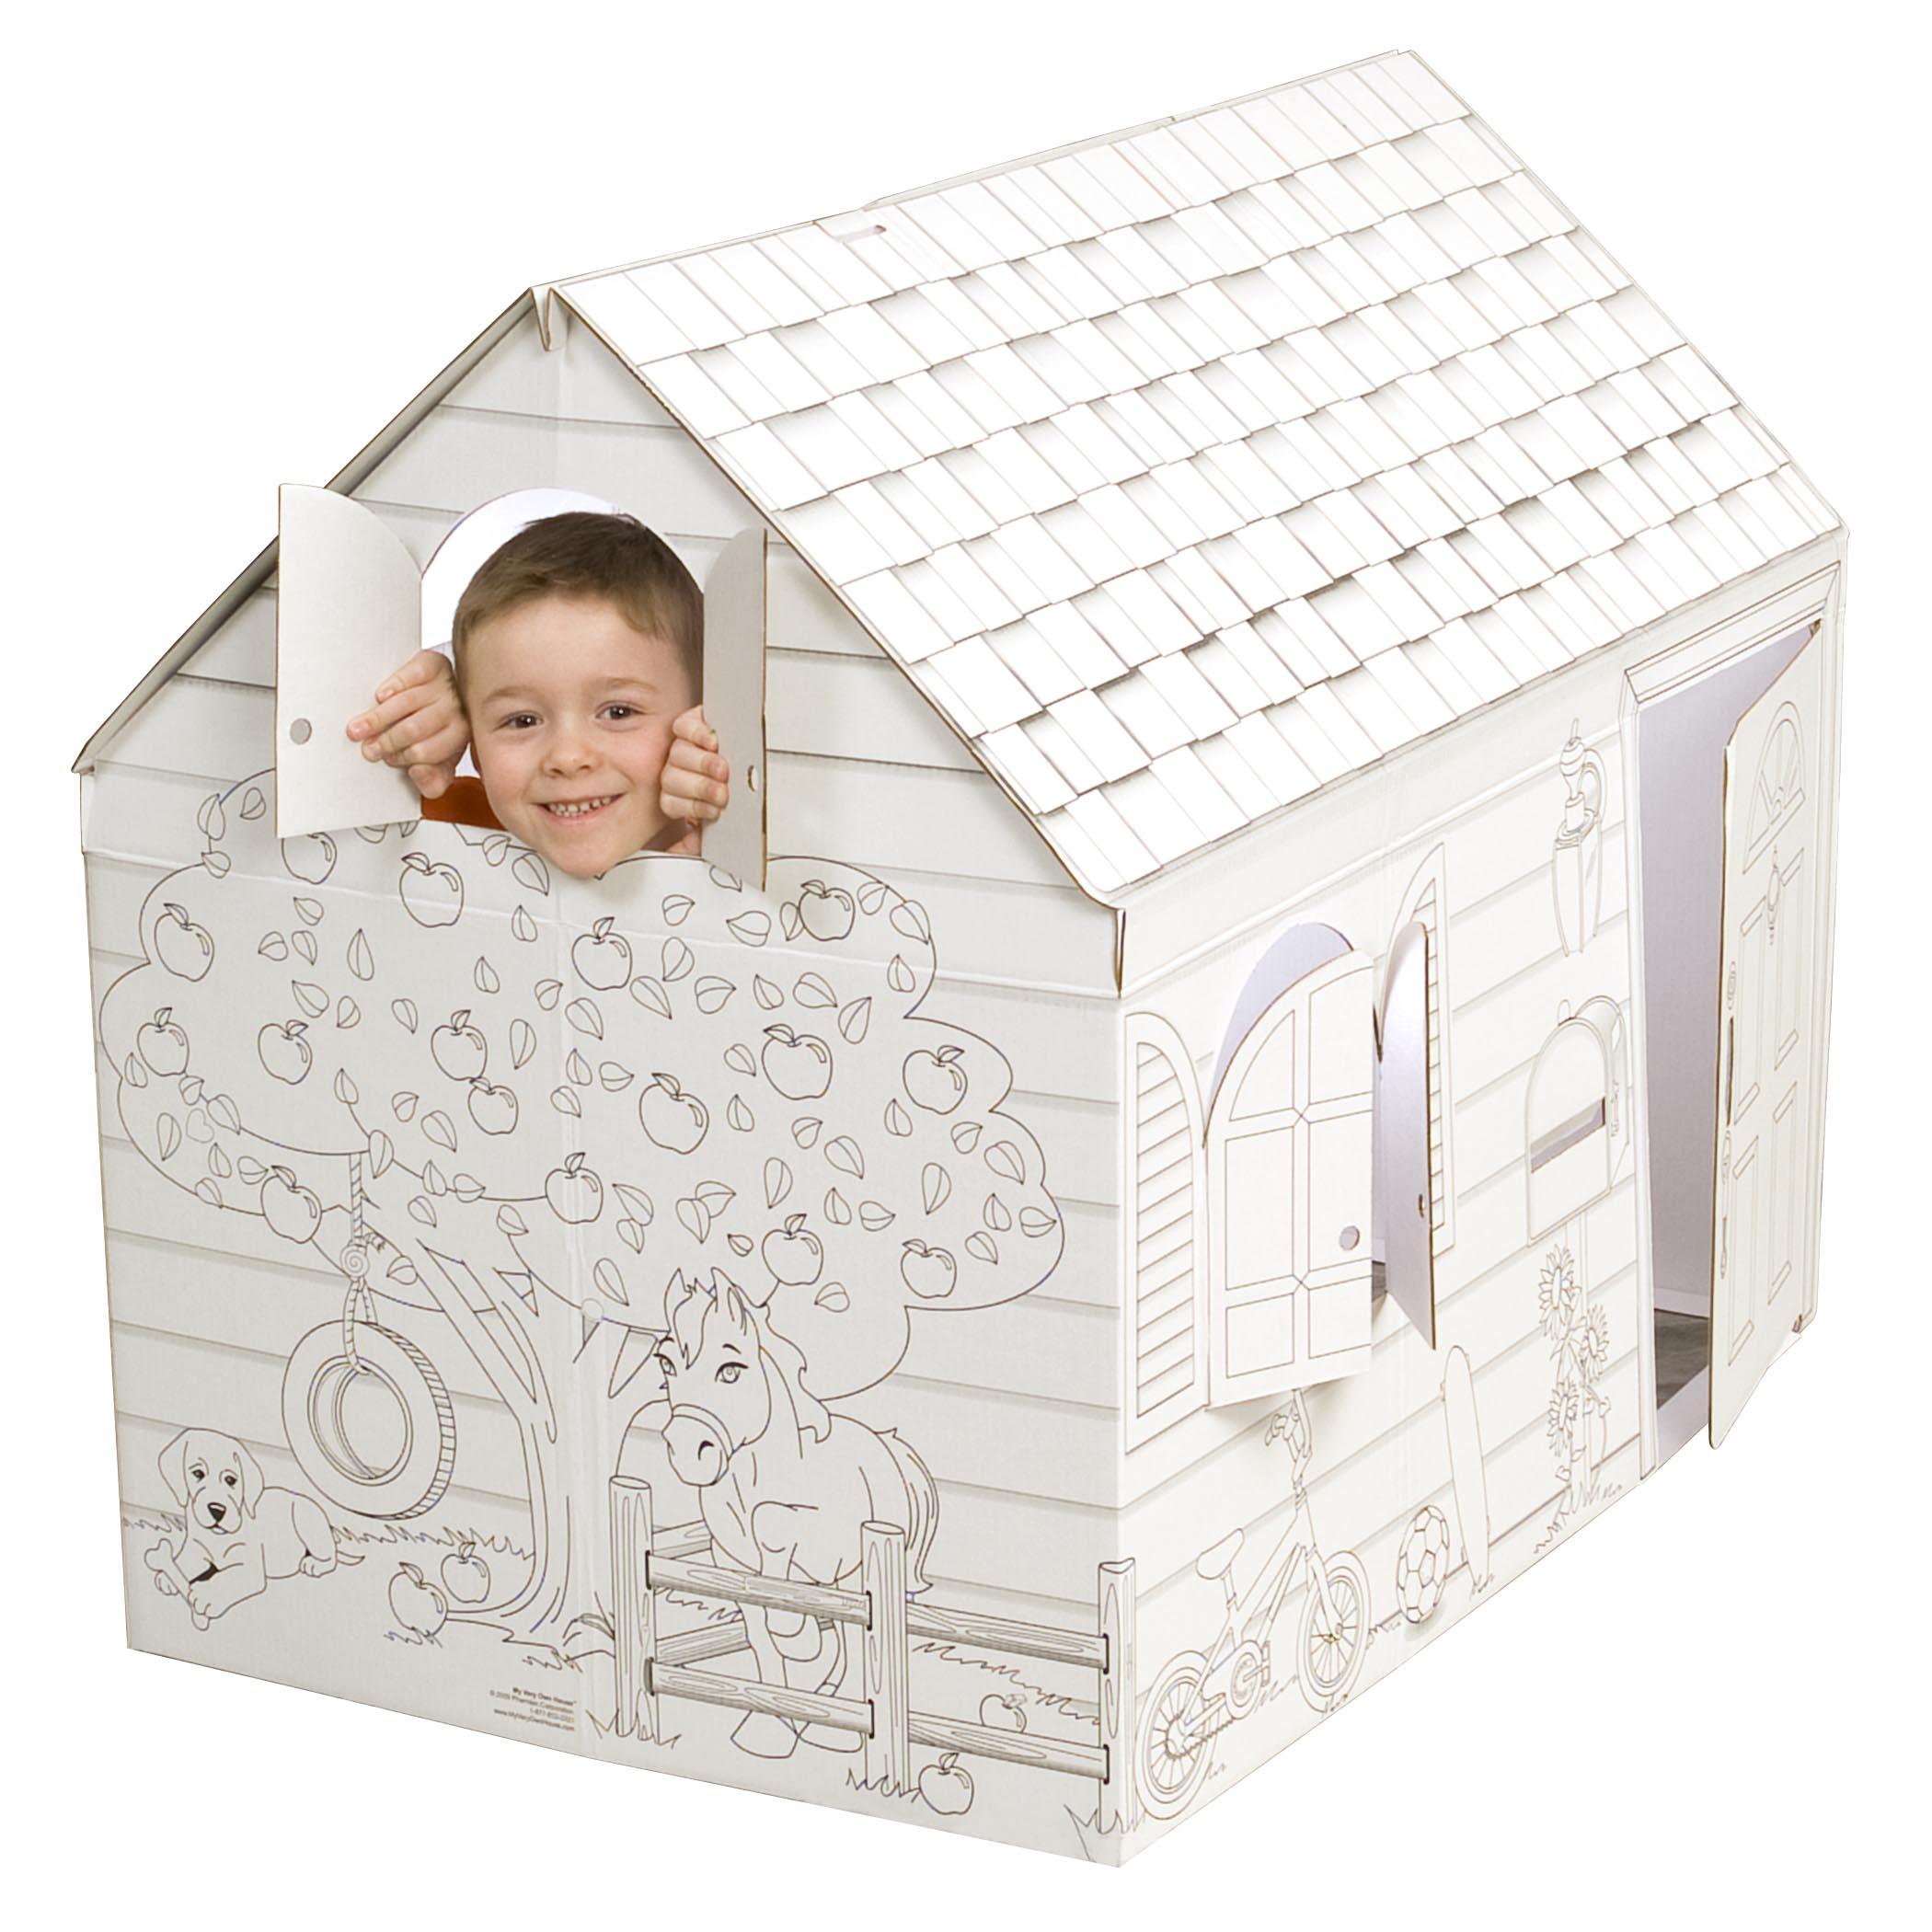 Hide and Seek cardboard coloring playhouse   Cardboard-house